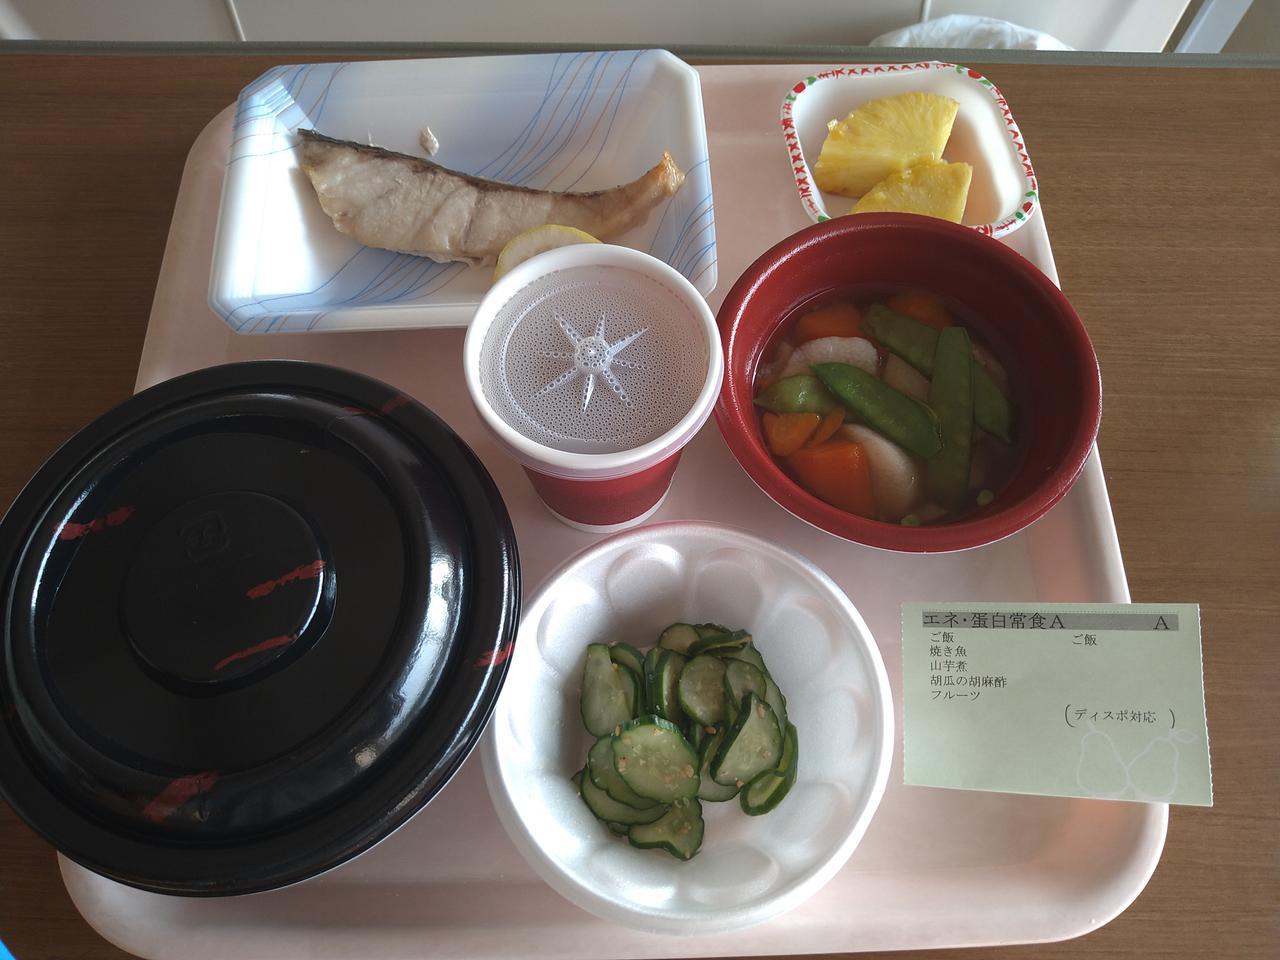 画像: 栄養の隅からすみまでカンペキに管理された病院食。ただし熱で気持ち悪くて食欲がでない。